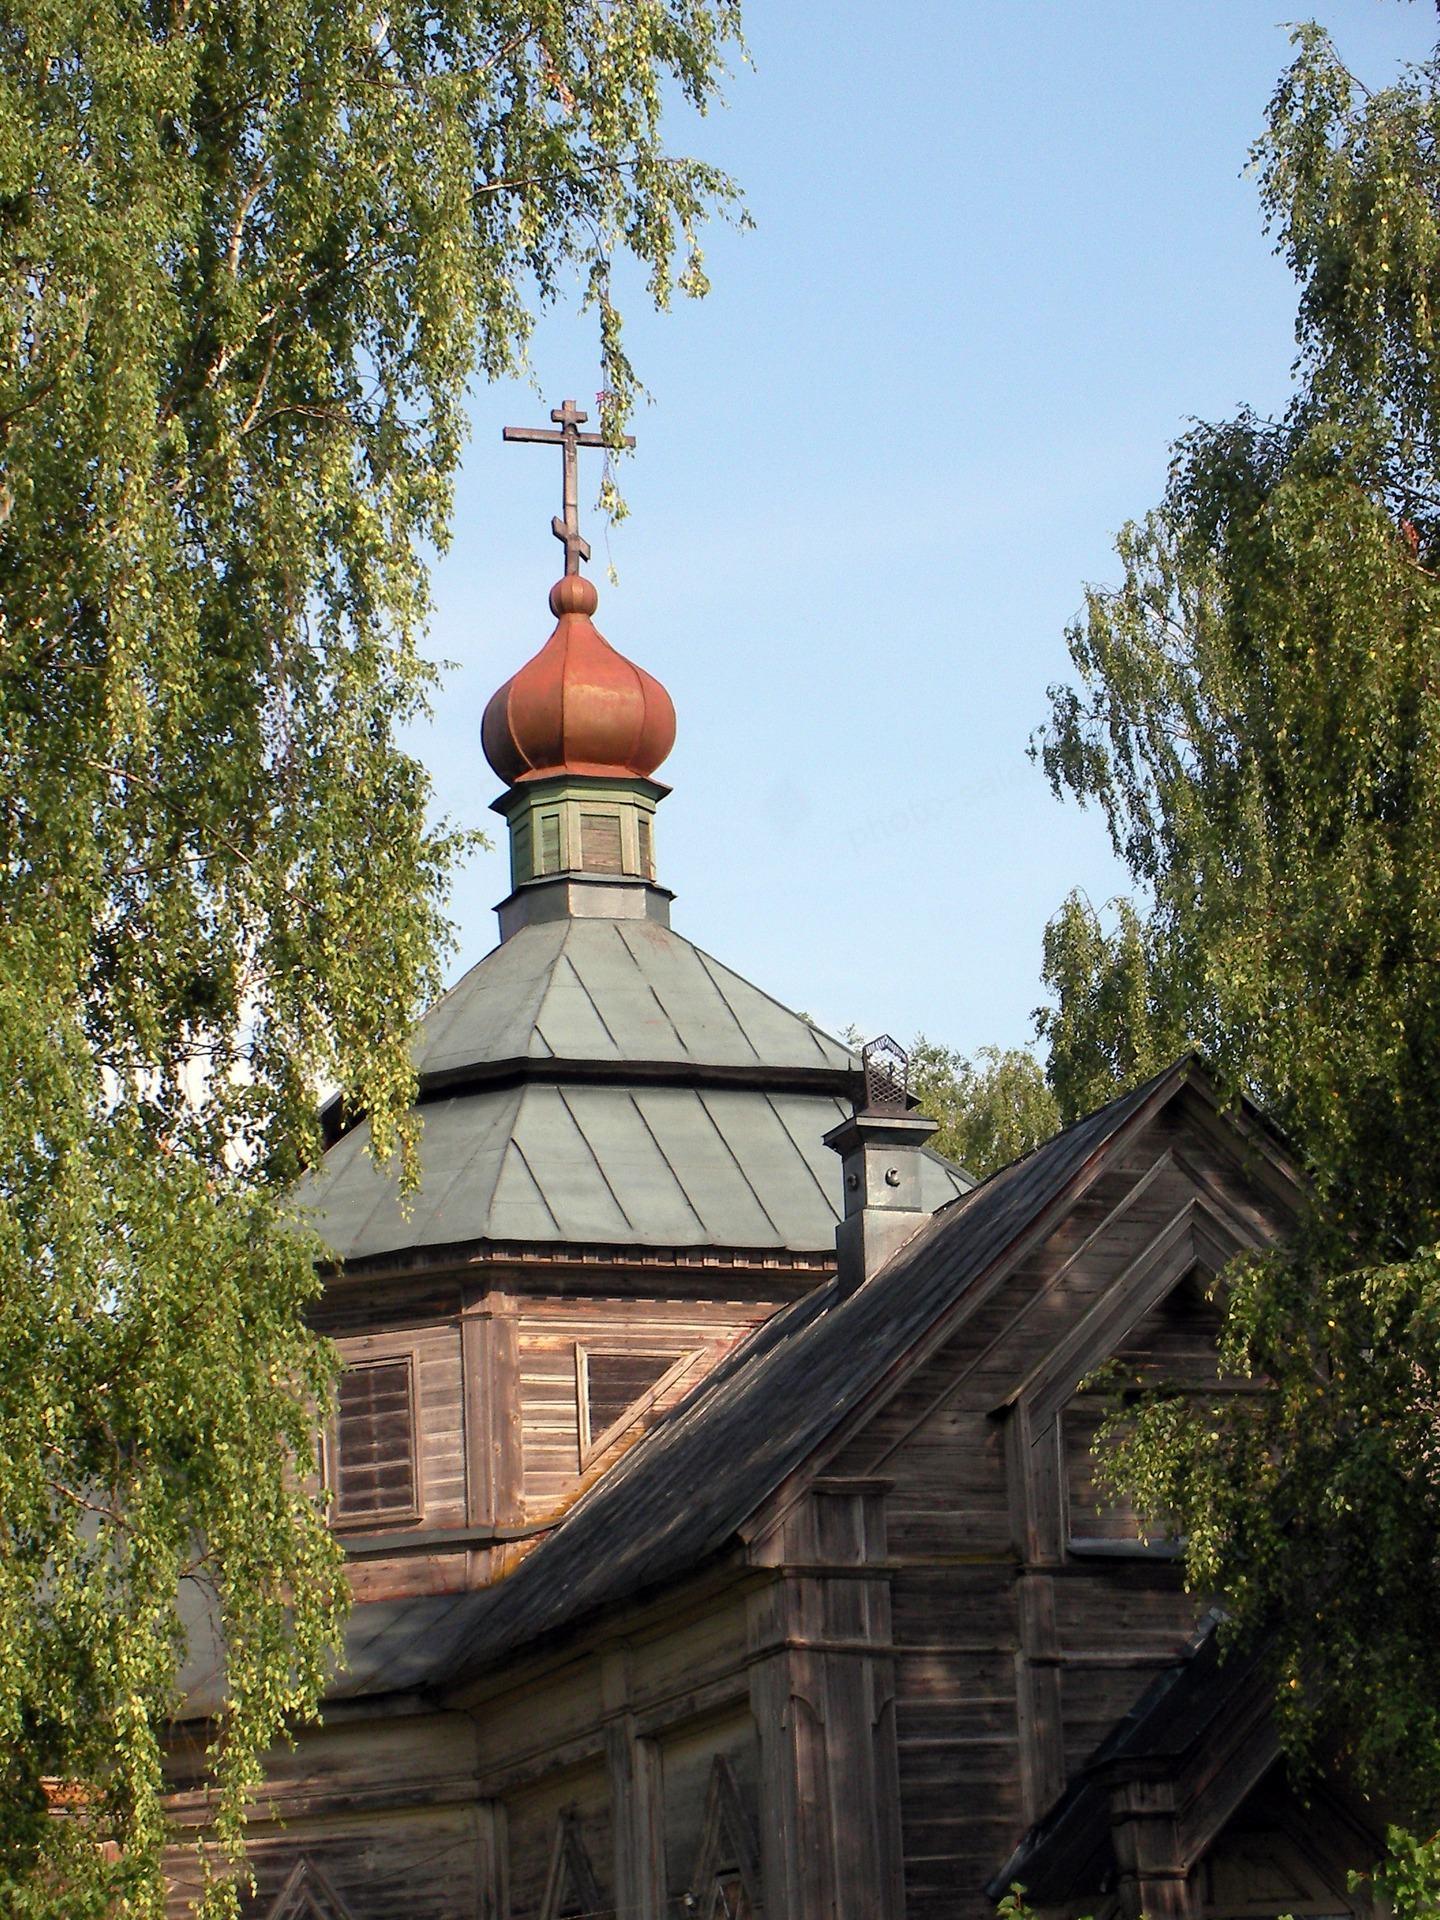 Հին ռուսական եկեղեցին